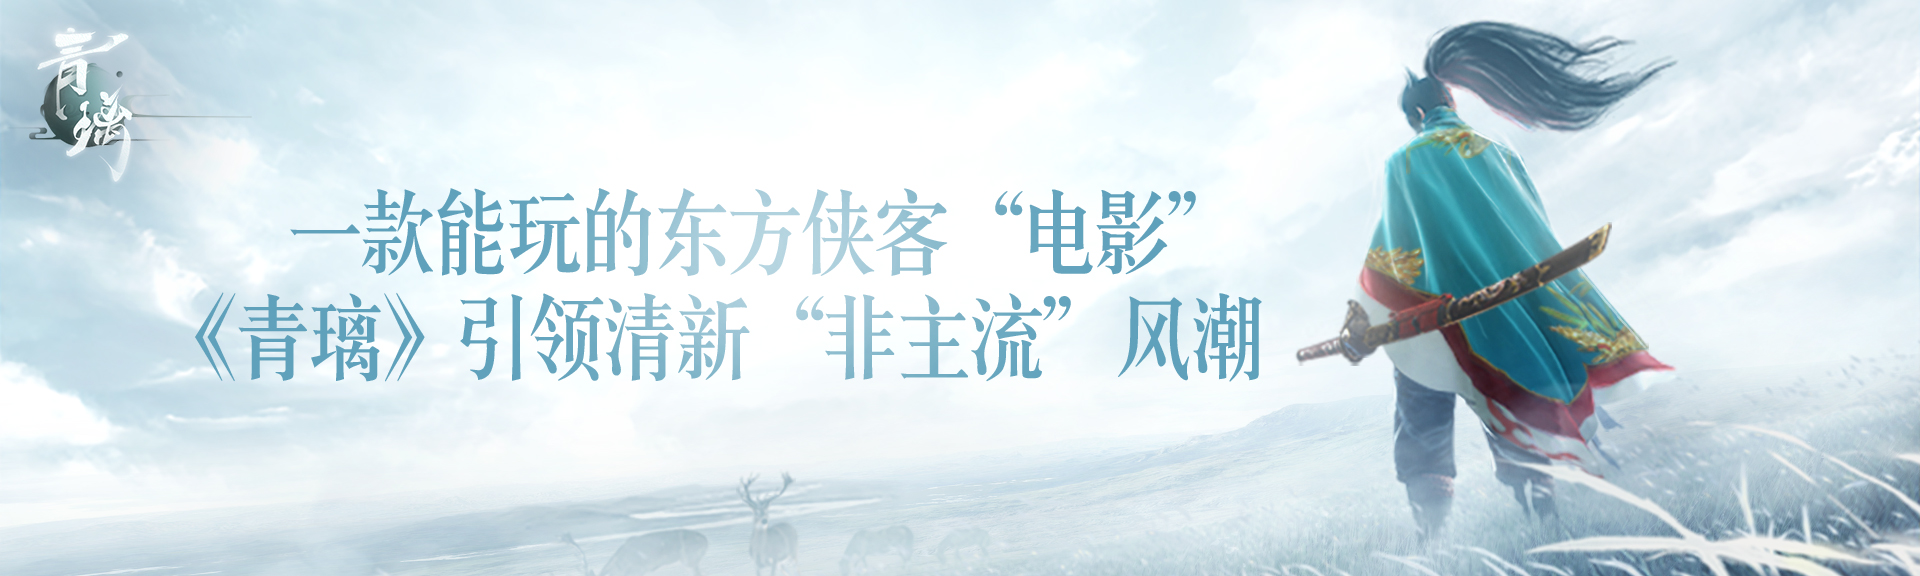 """一款能玩的东方侠客""""电影"""" 网易独立新游《青璃》引领清新""""非主流""""风潮"""